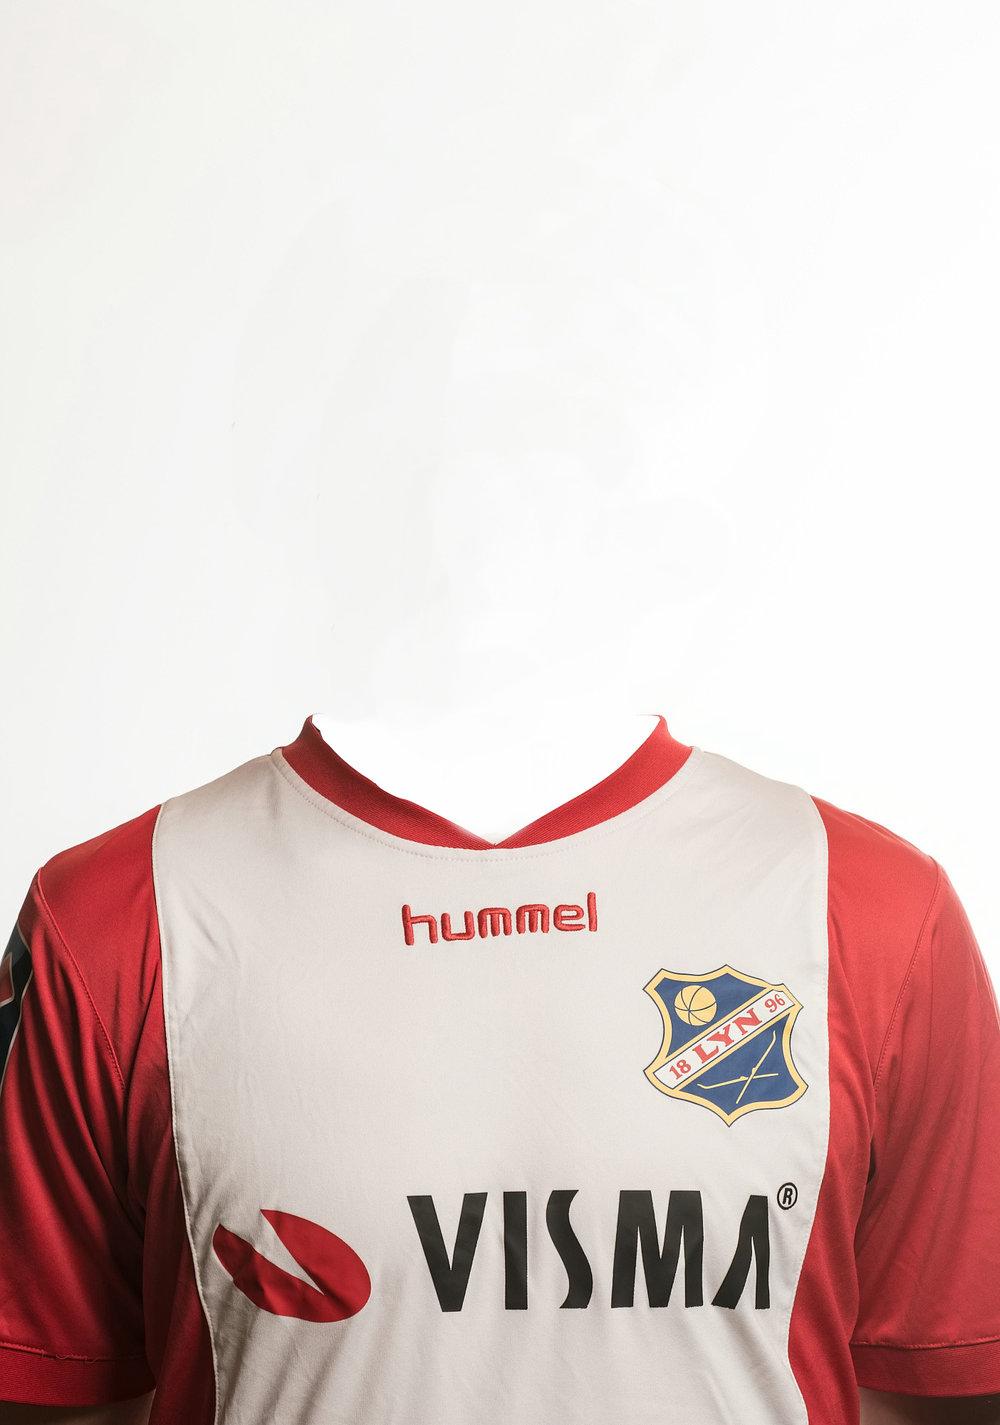 - Bilde kommerTidligere klubber: Oppsal, KorsvollPosisjon: AngrepKom til Lyn: 2018